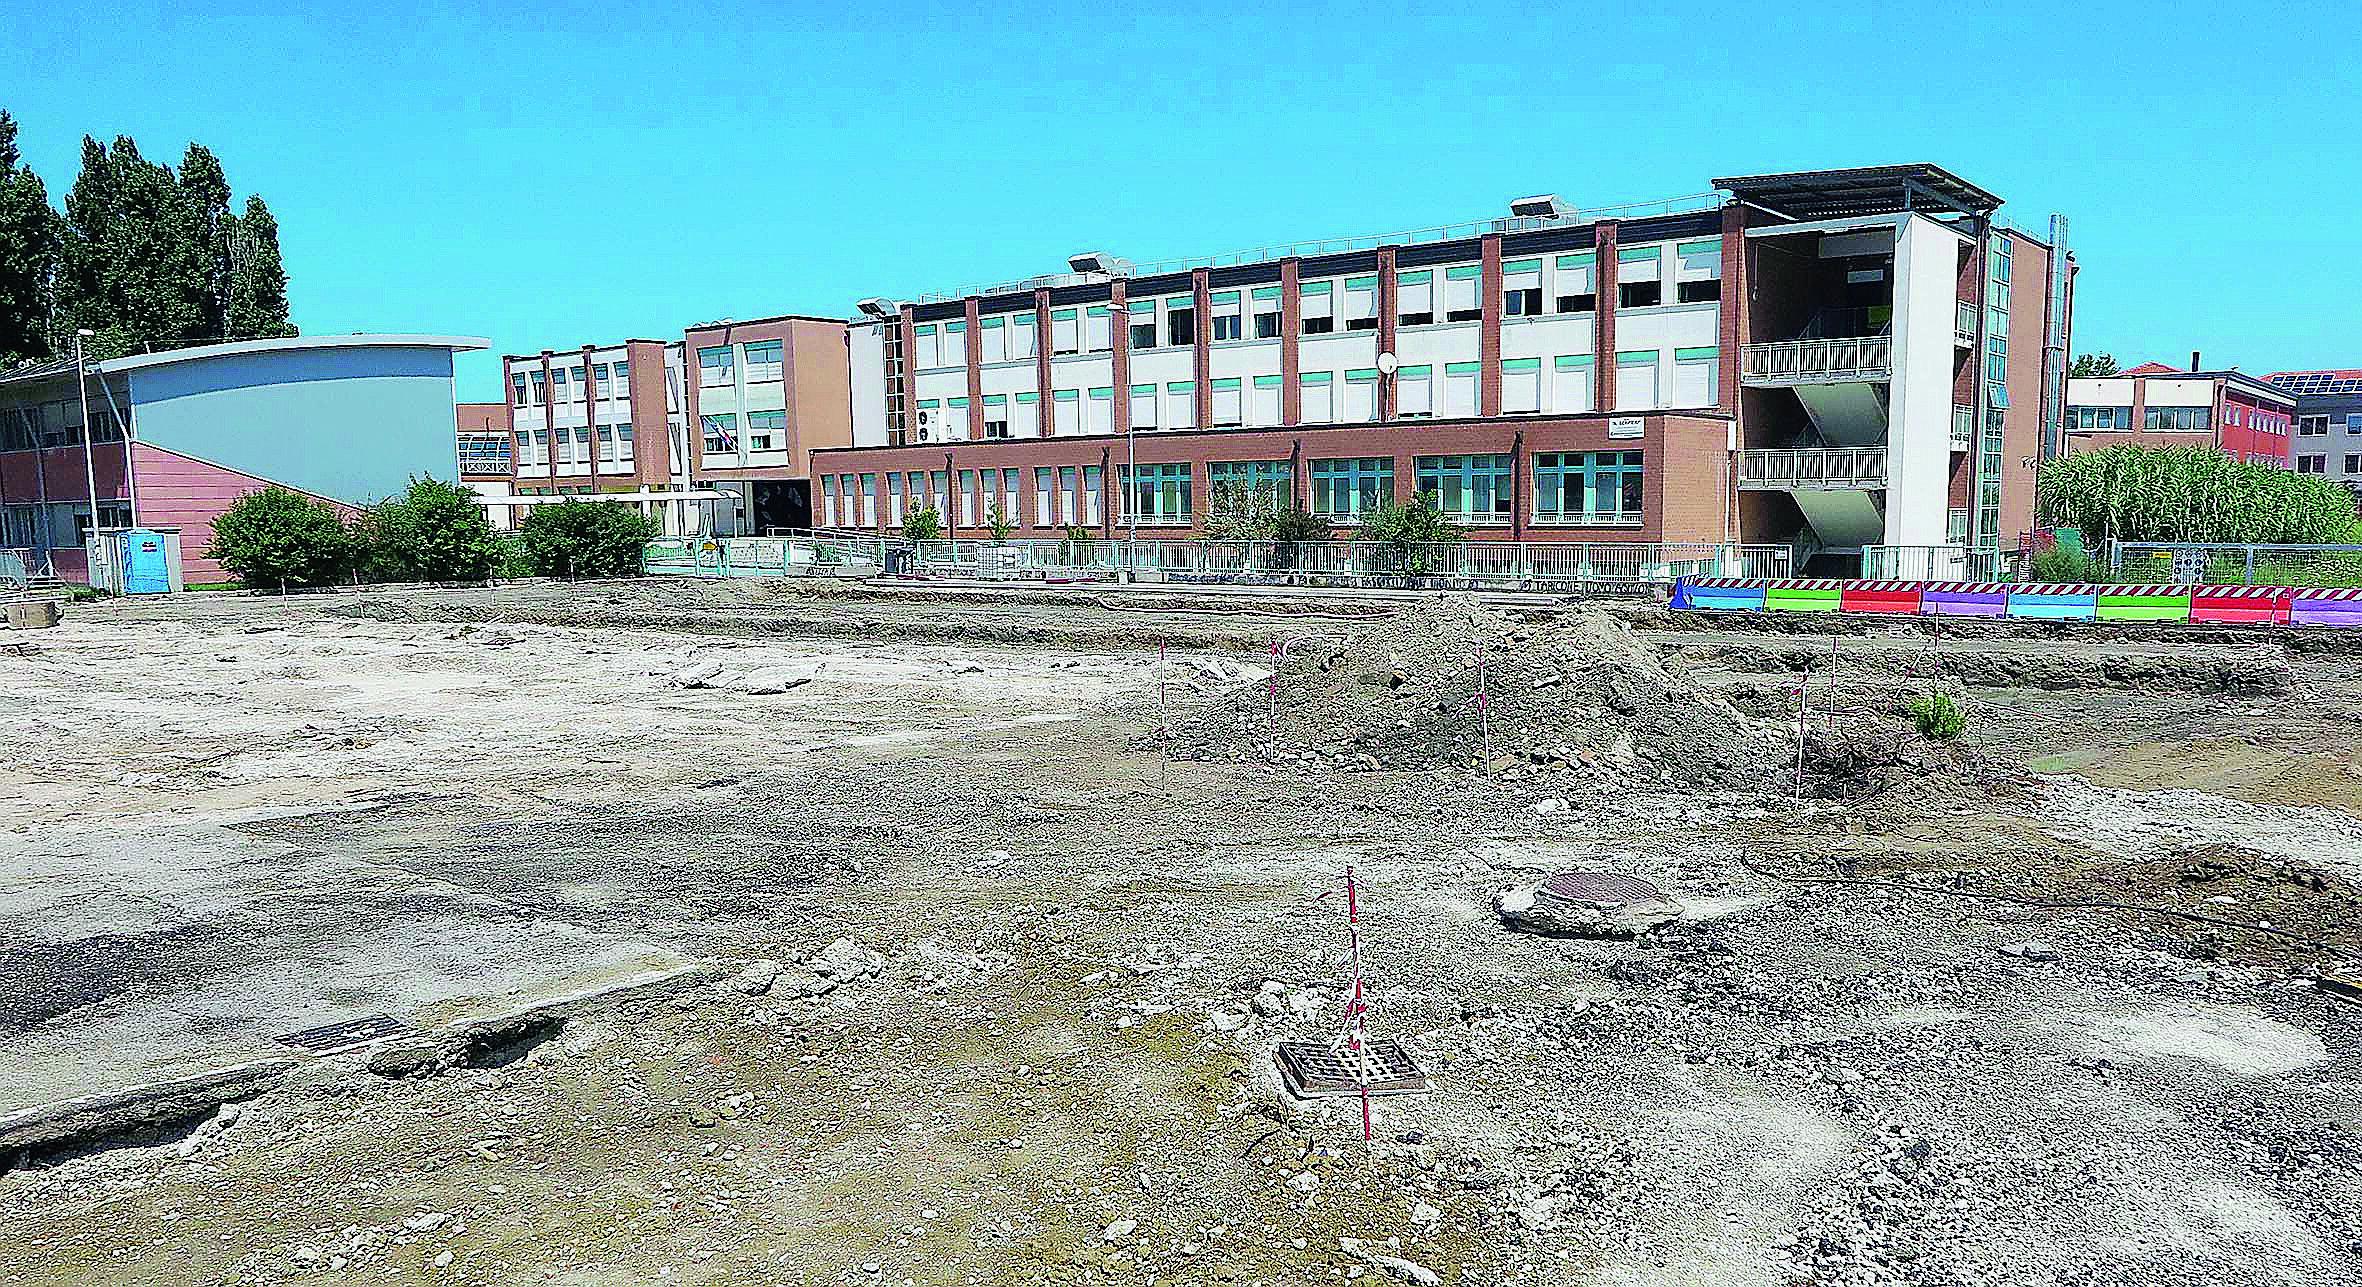 Caos davanti alle scuole, nuova area bus da 320mila euro a Viserba